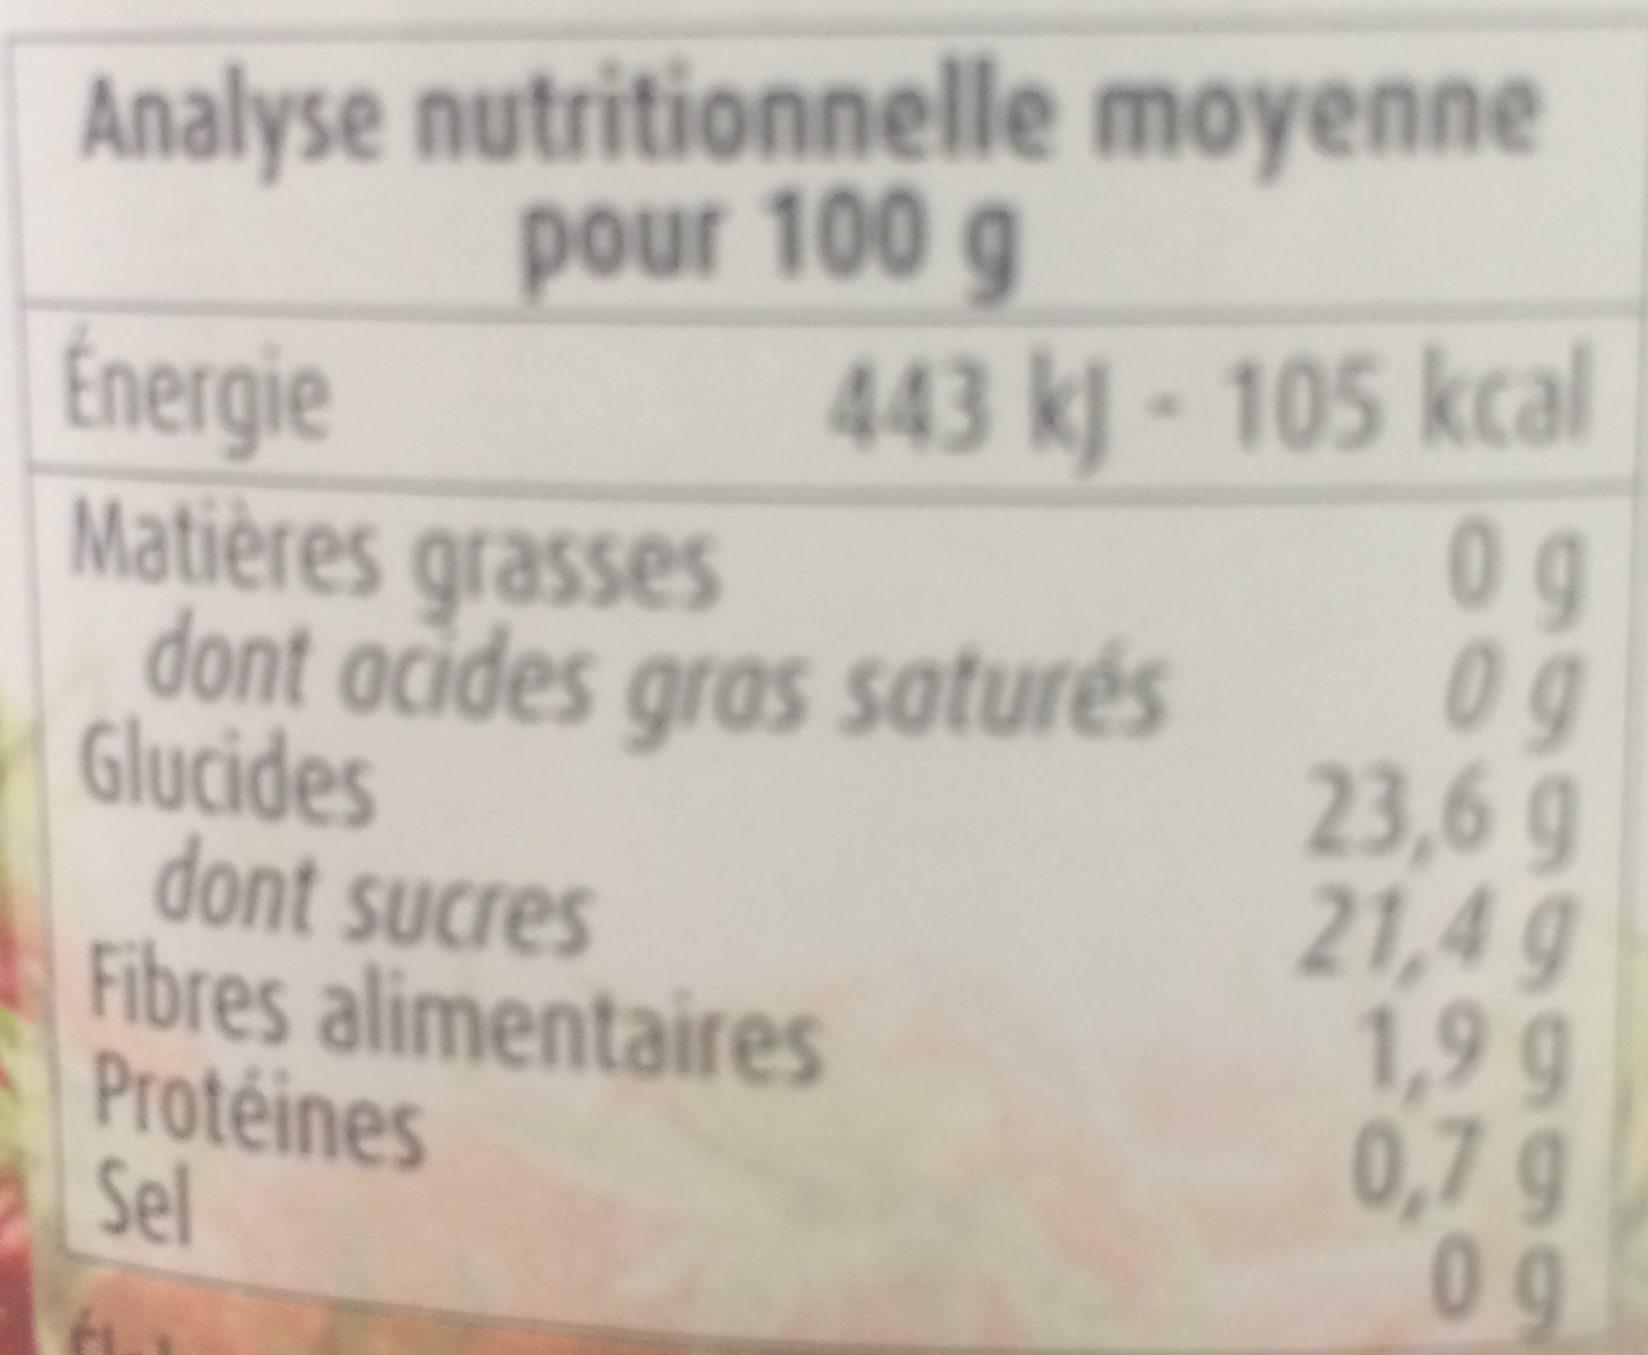 Compote de fraise avec morceaux - Informations nutritionnelles